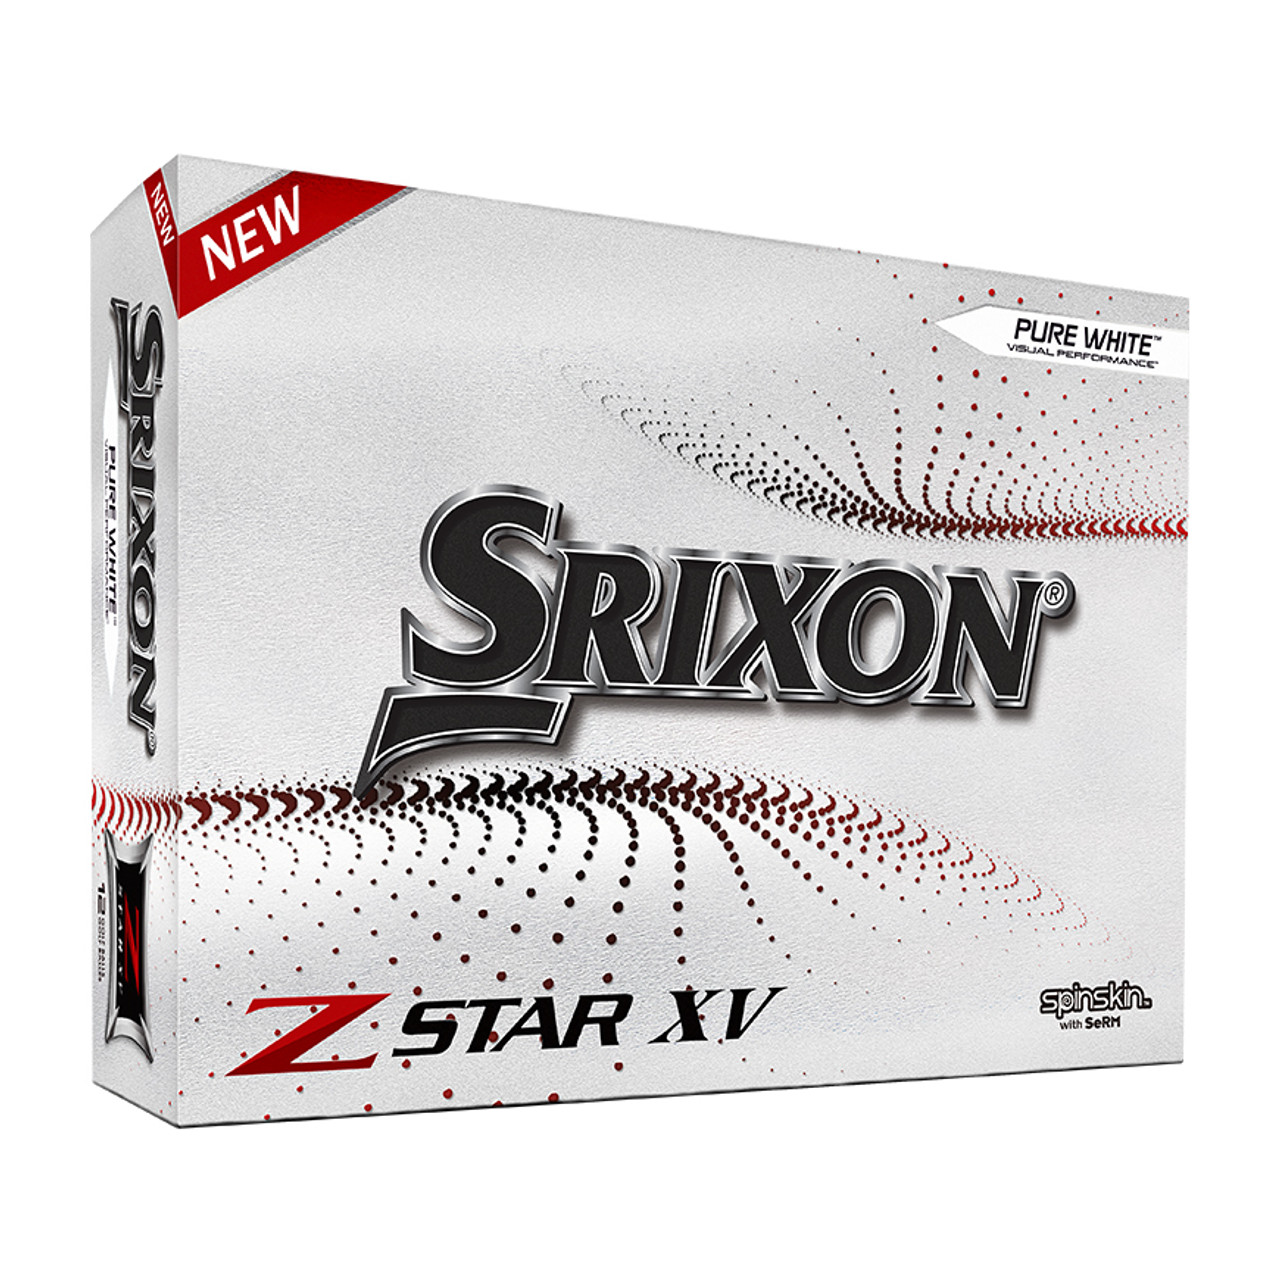 Srixon Z-Star XV 7 Personalized Golf Balls Dozen - White